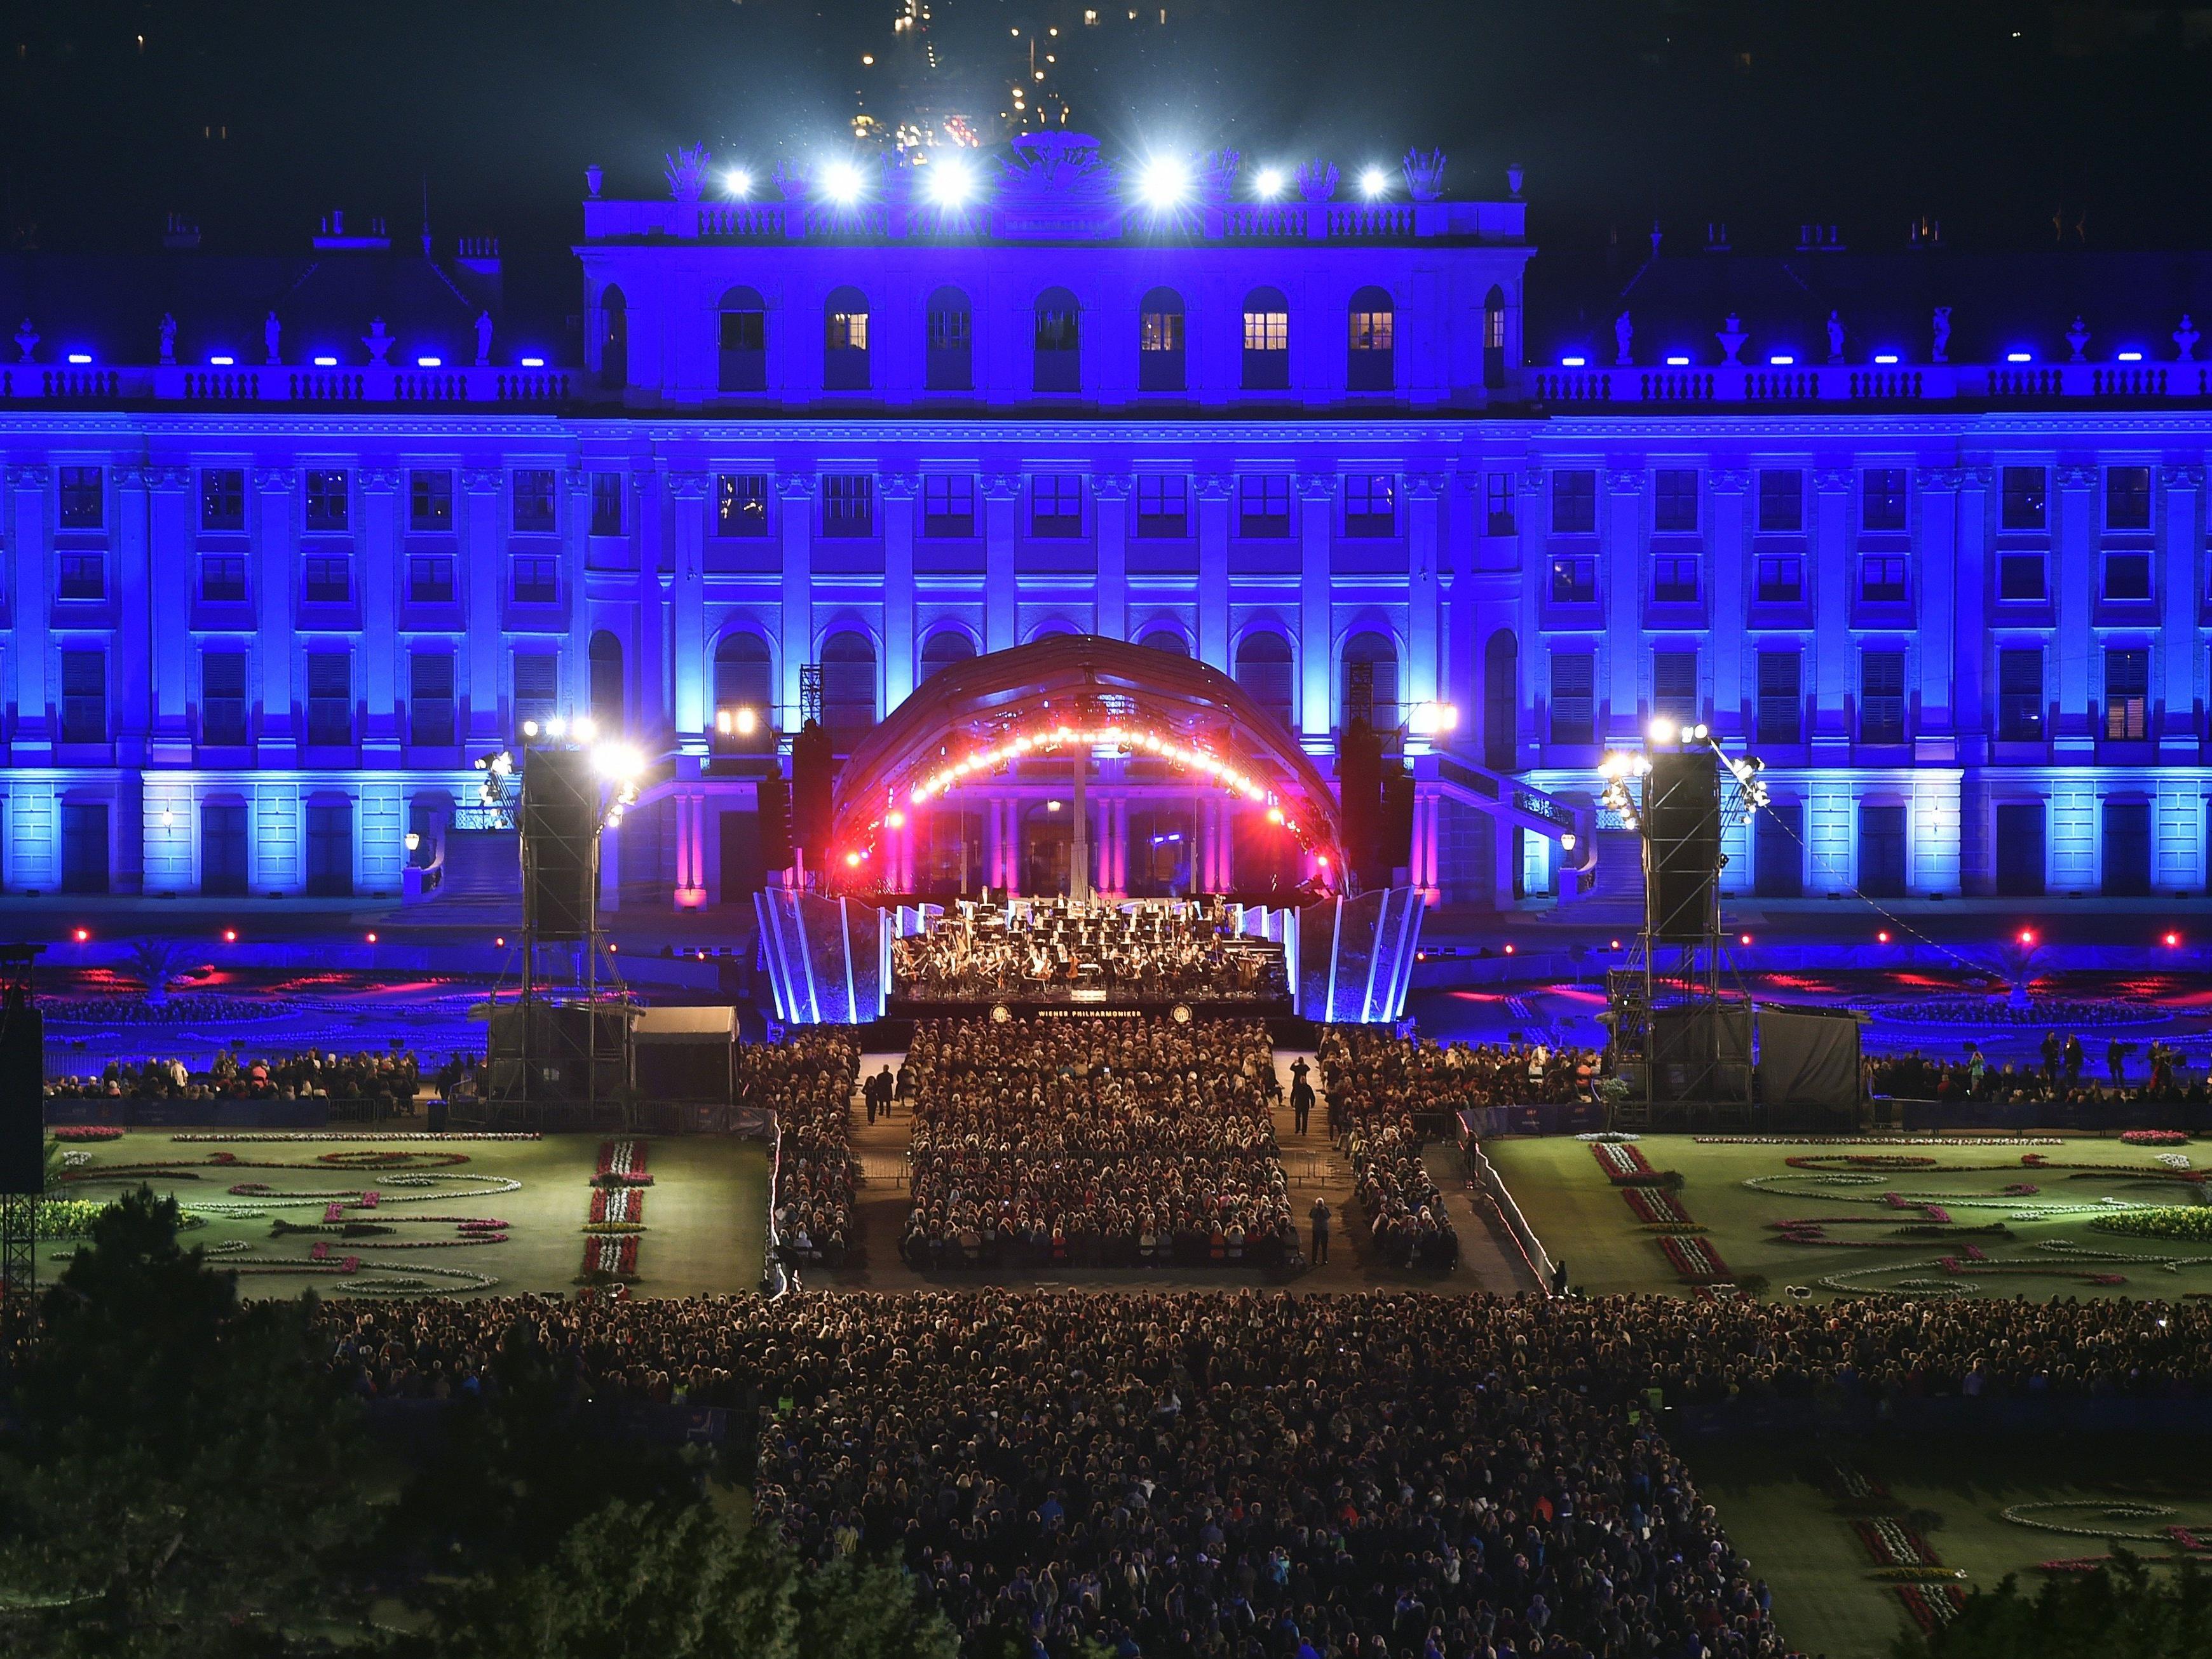 Beim Sommernachtskonzert der Wiener Philharmoniker im Schlosspark Schönbrunn